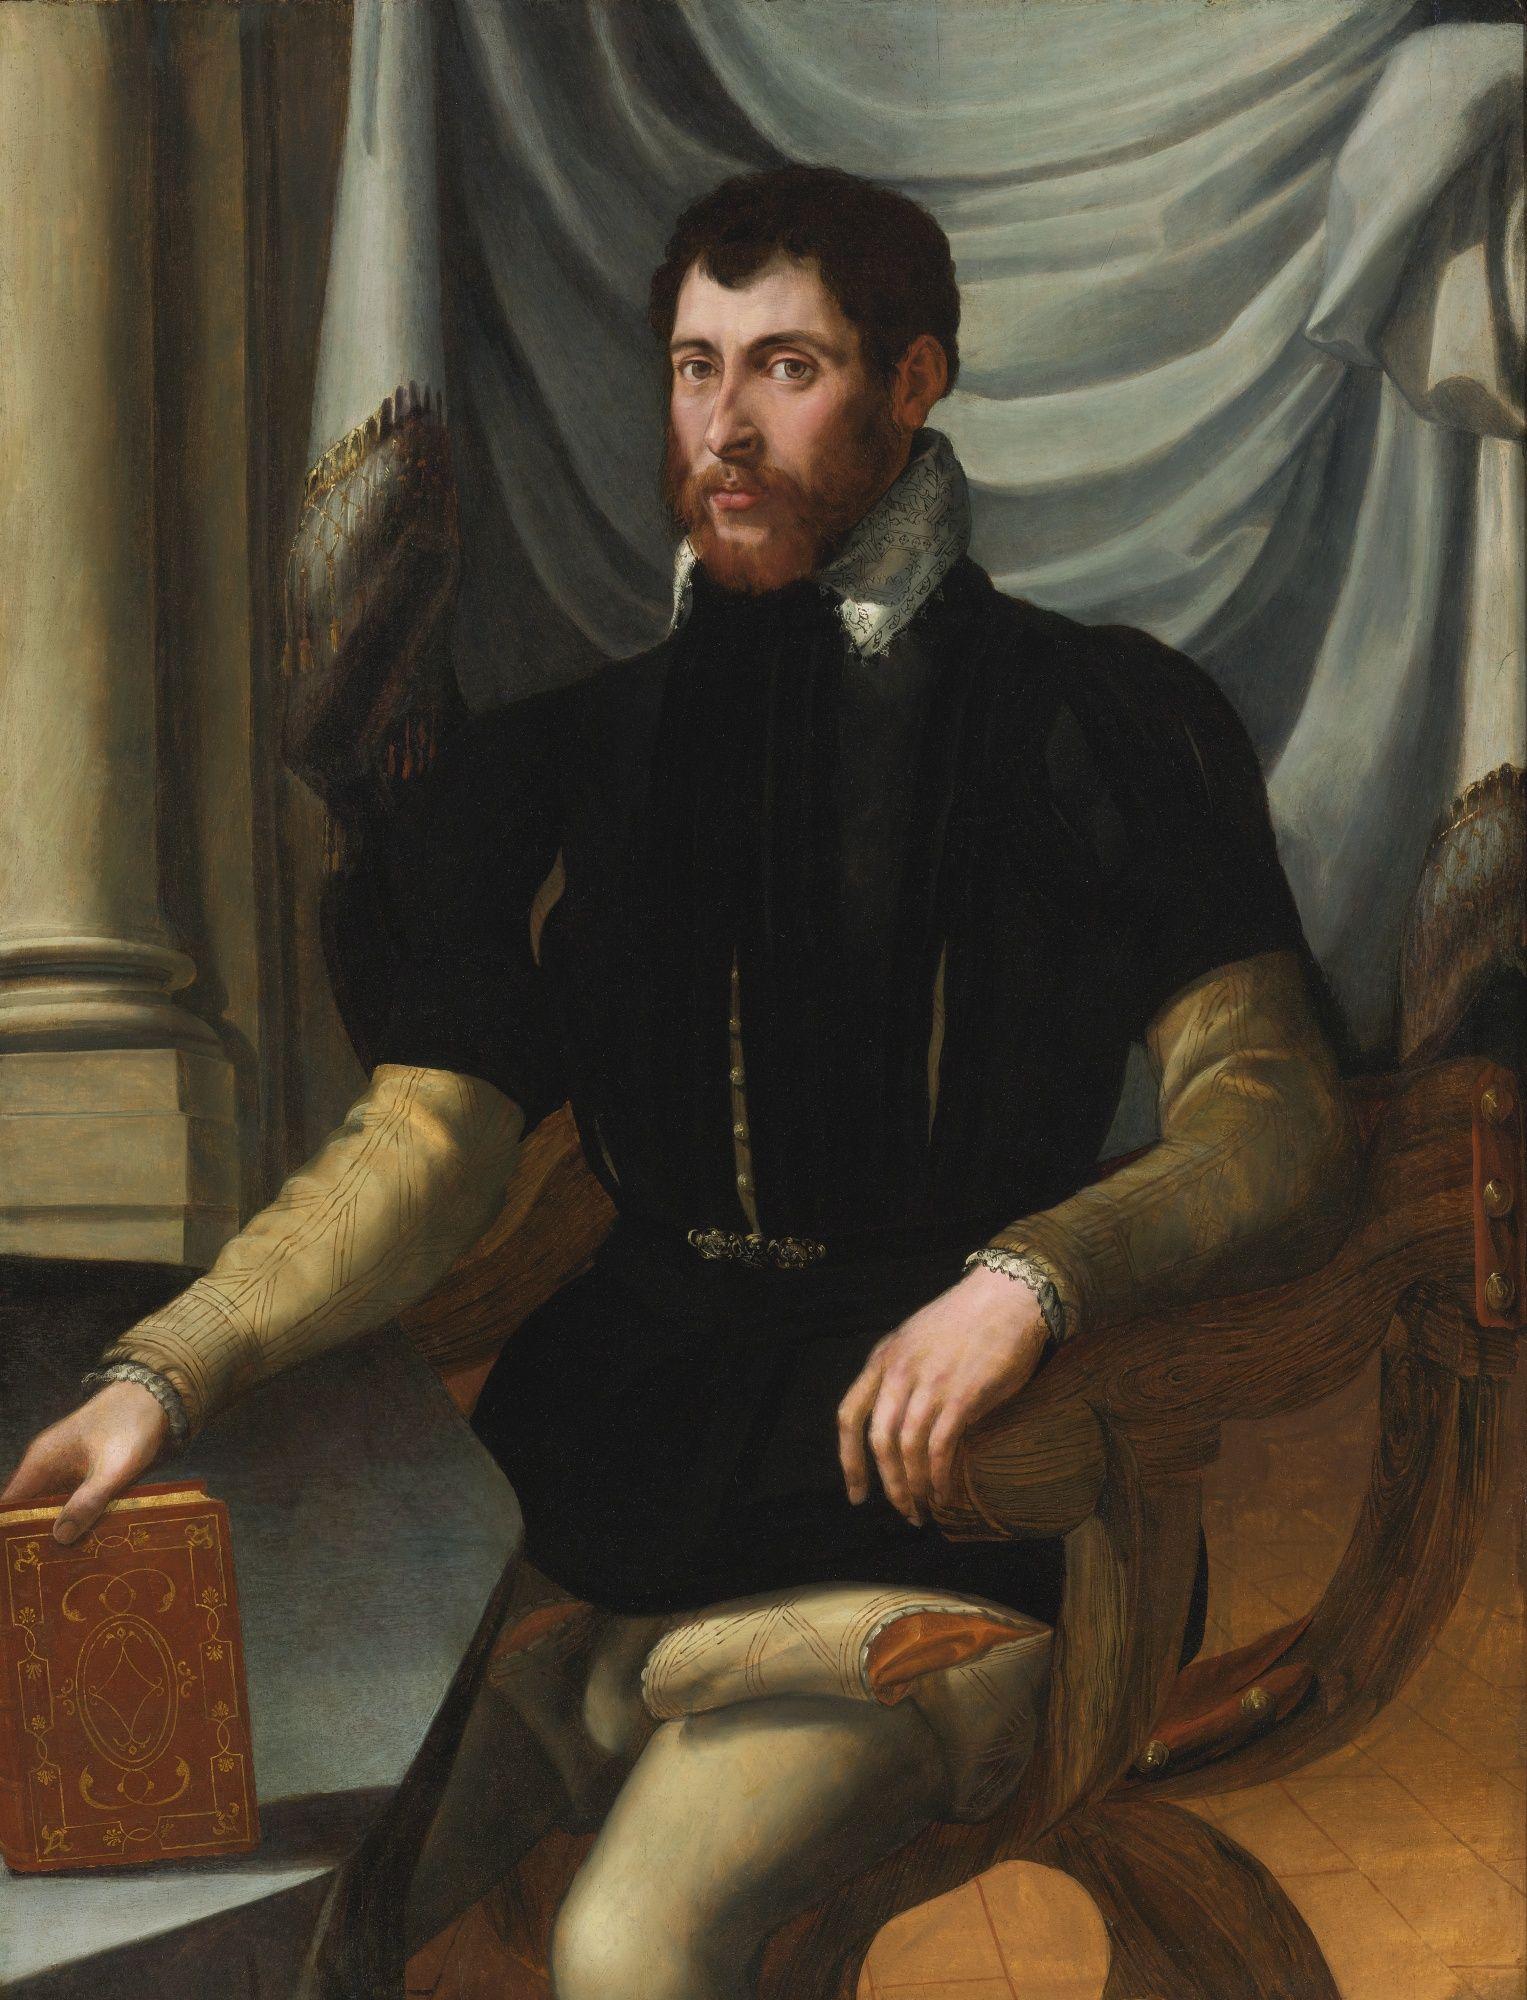 Mirabello Cavalori Lot Portrait Renaissance Portraits Renaissance Men